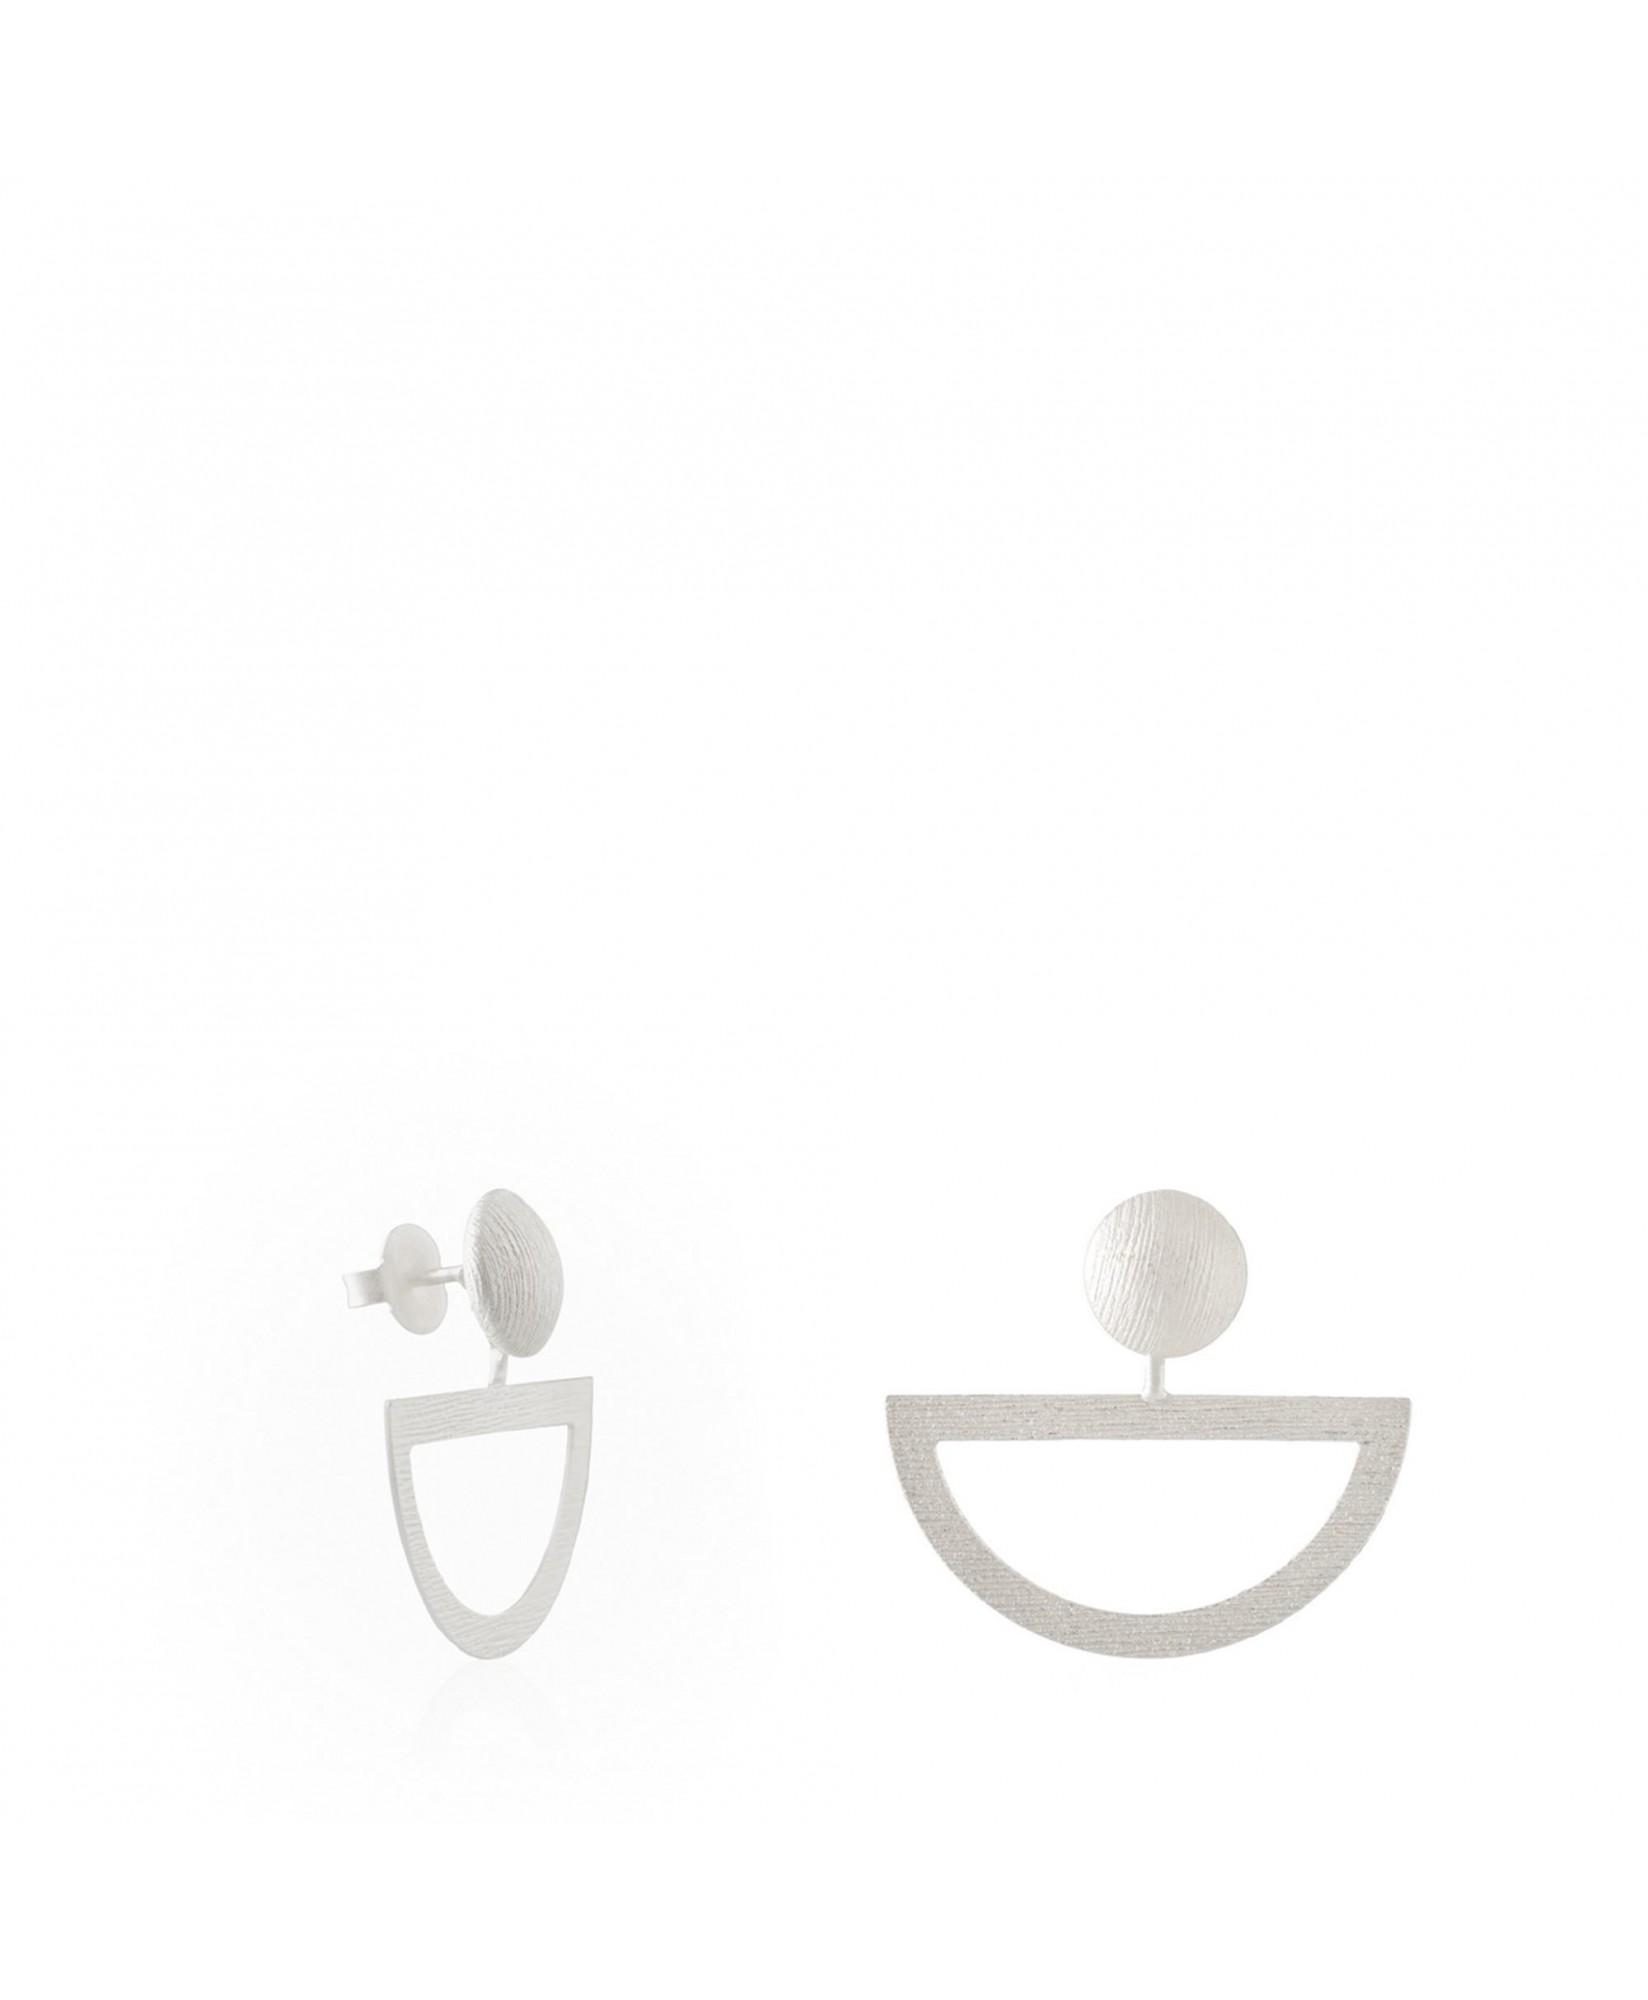 Pendientes de plata Balancín en forma de medio aro Pendientes de plata Balancín en forma de medio aro